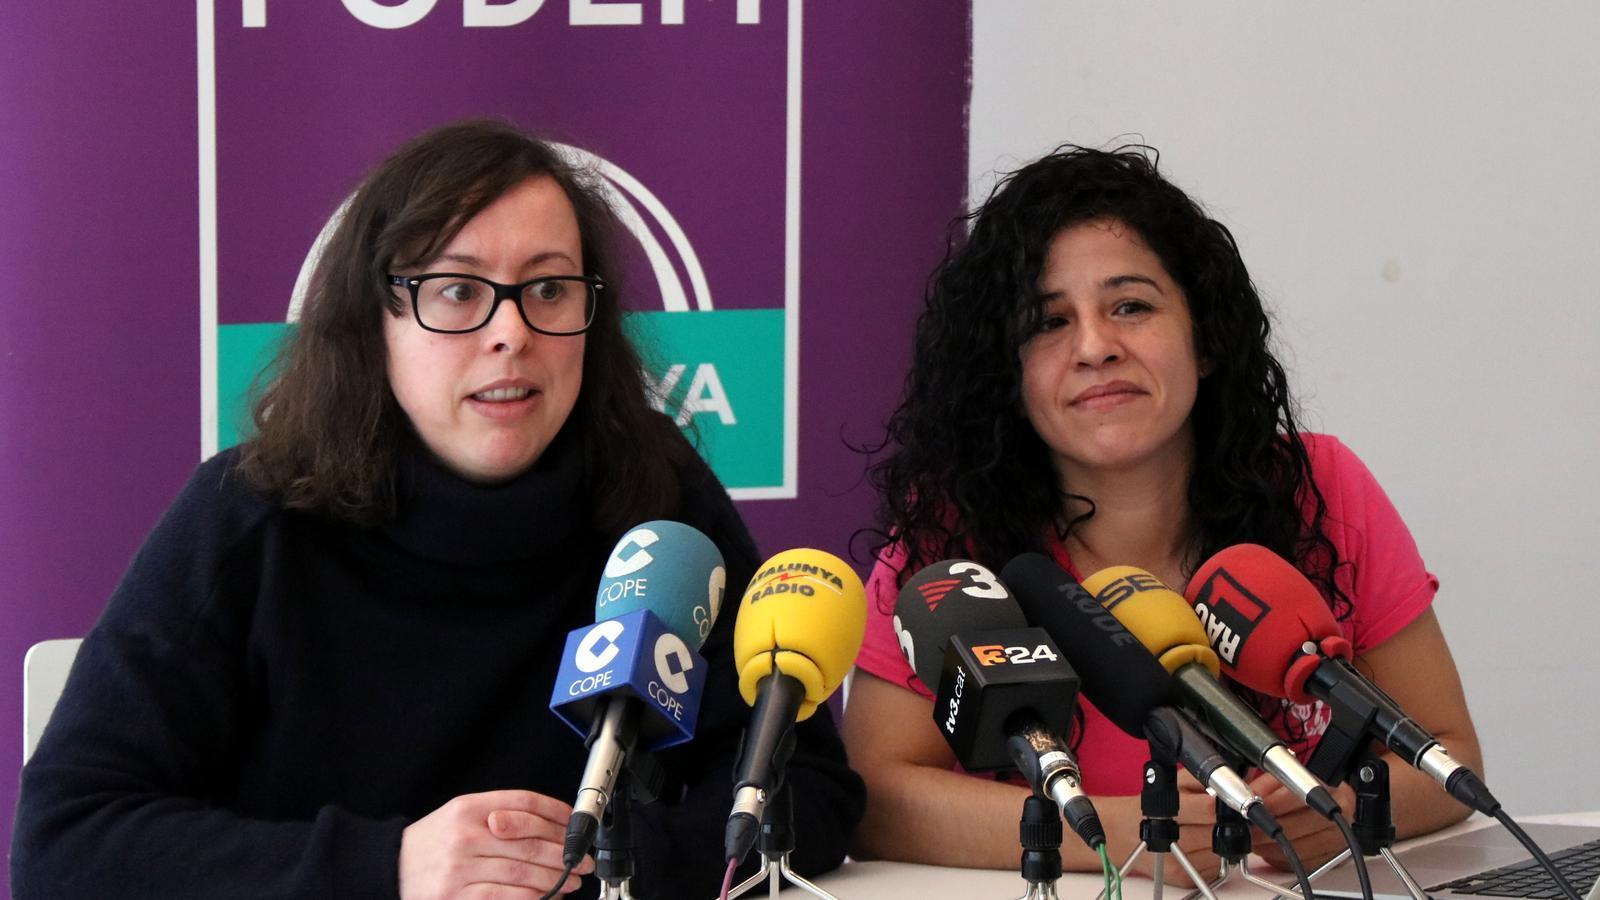 Noelia Bail (esquerra) i Ruth Moreta (dreta) en una imatge d'arxiu